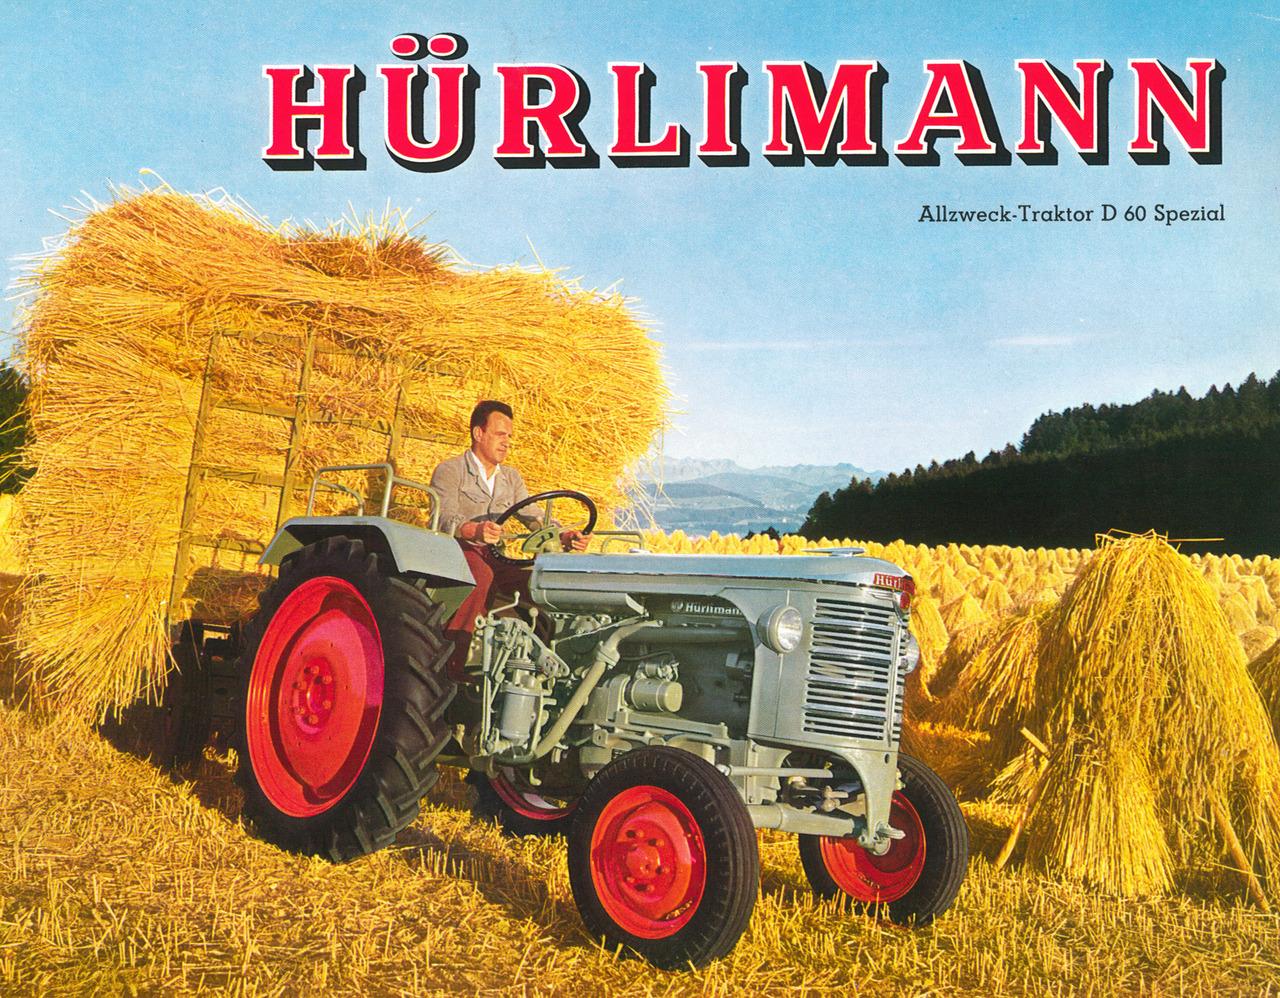 Hürlimann - Allzweck-Traktor D 60 Spezial